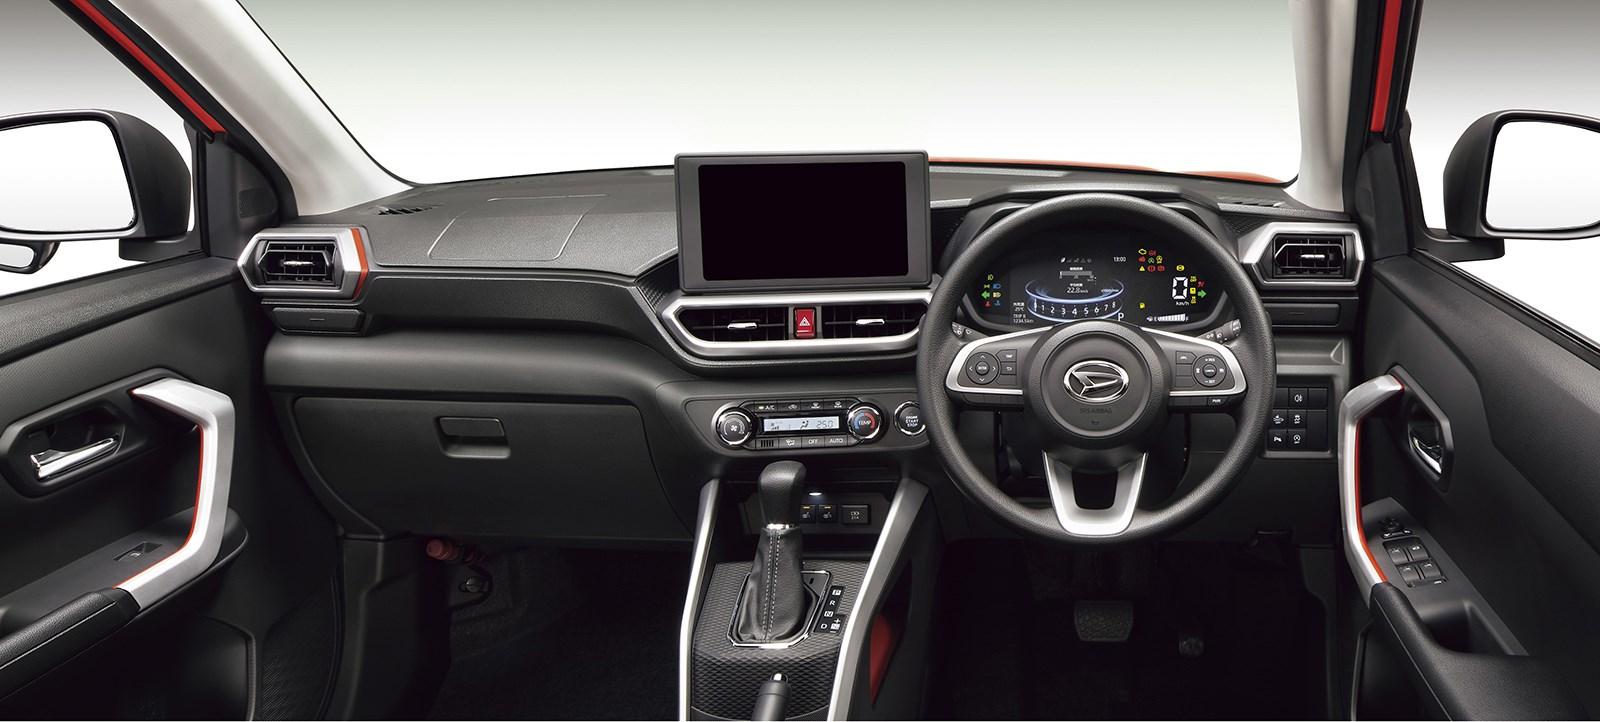 ダイハツ、新型コンパクトSUV「ロッキー」を発売。1リッターターボ+CVTで価格は170万5000円~